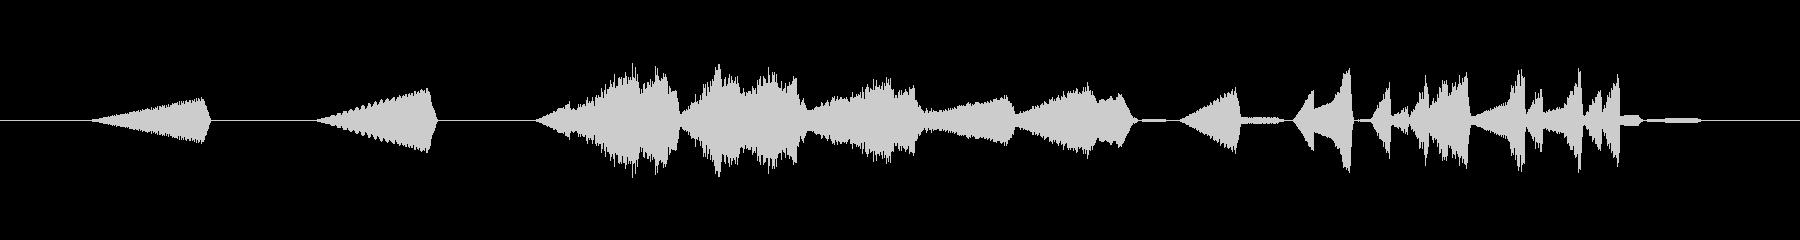 デジタル表示・メカ動作音・時間逆行#1の未再生の波形